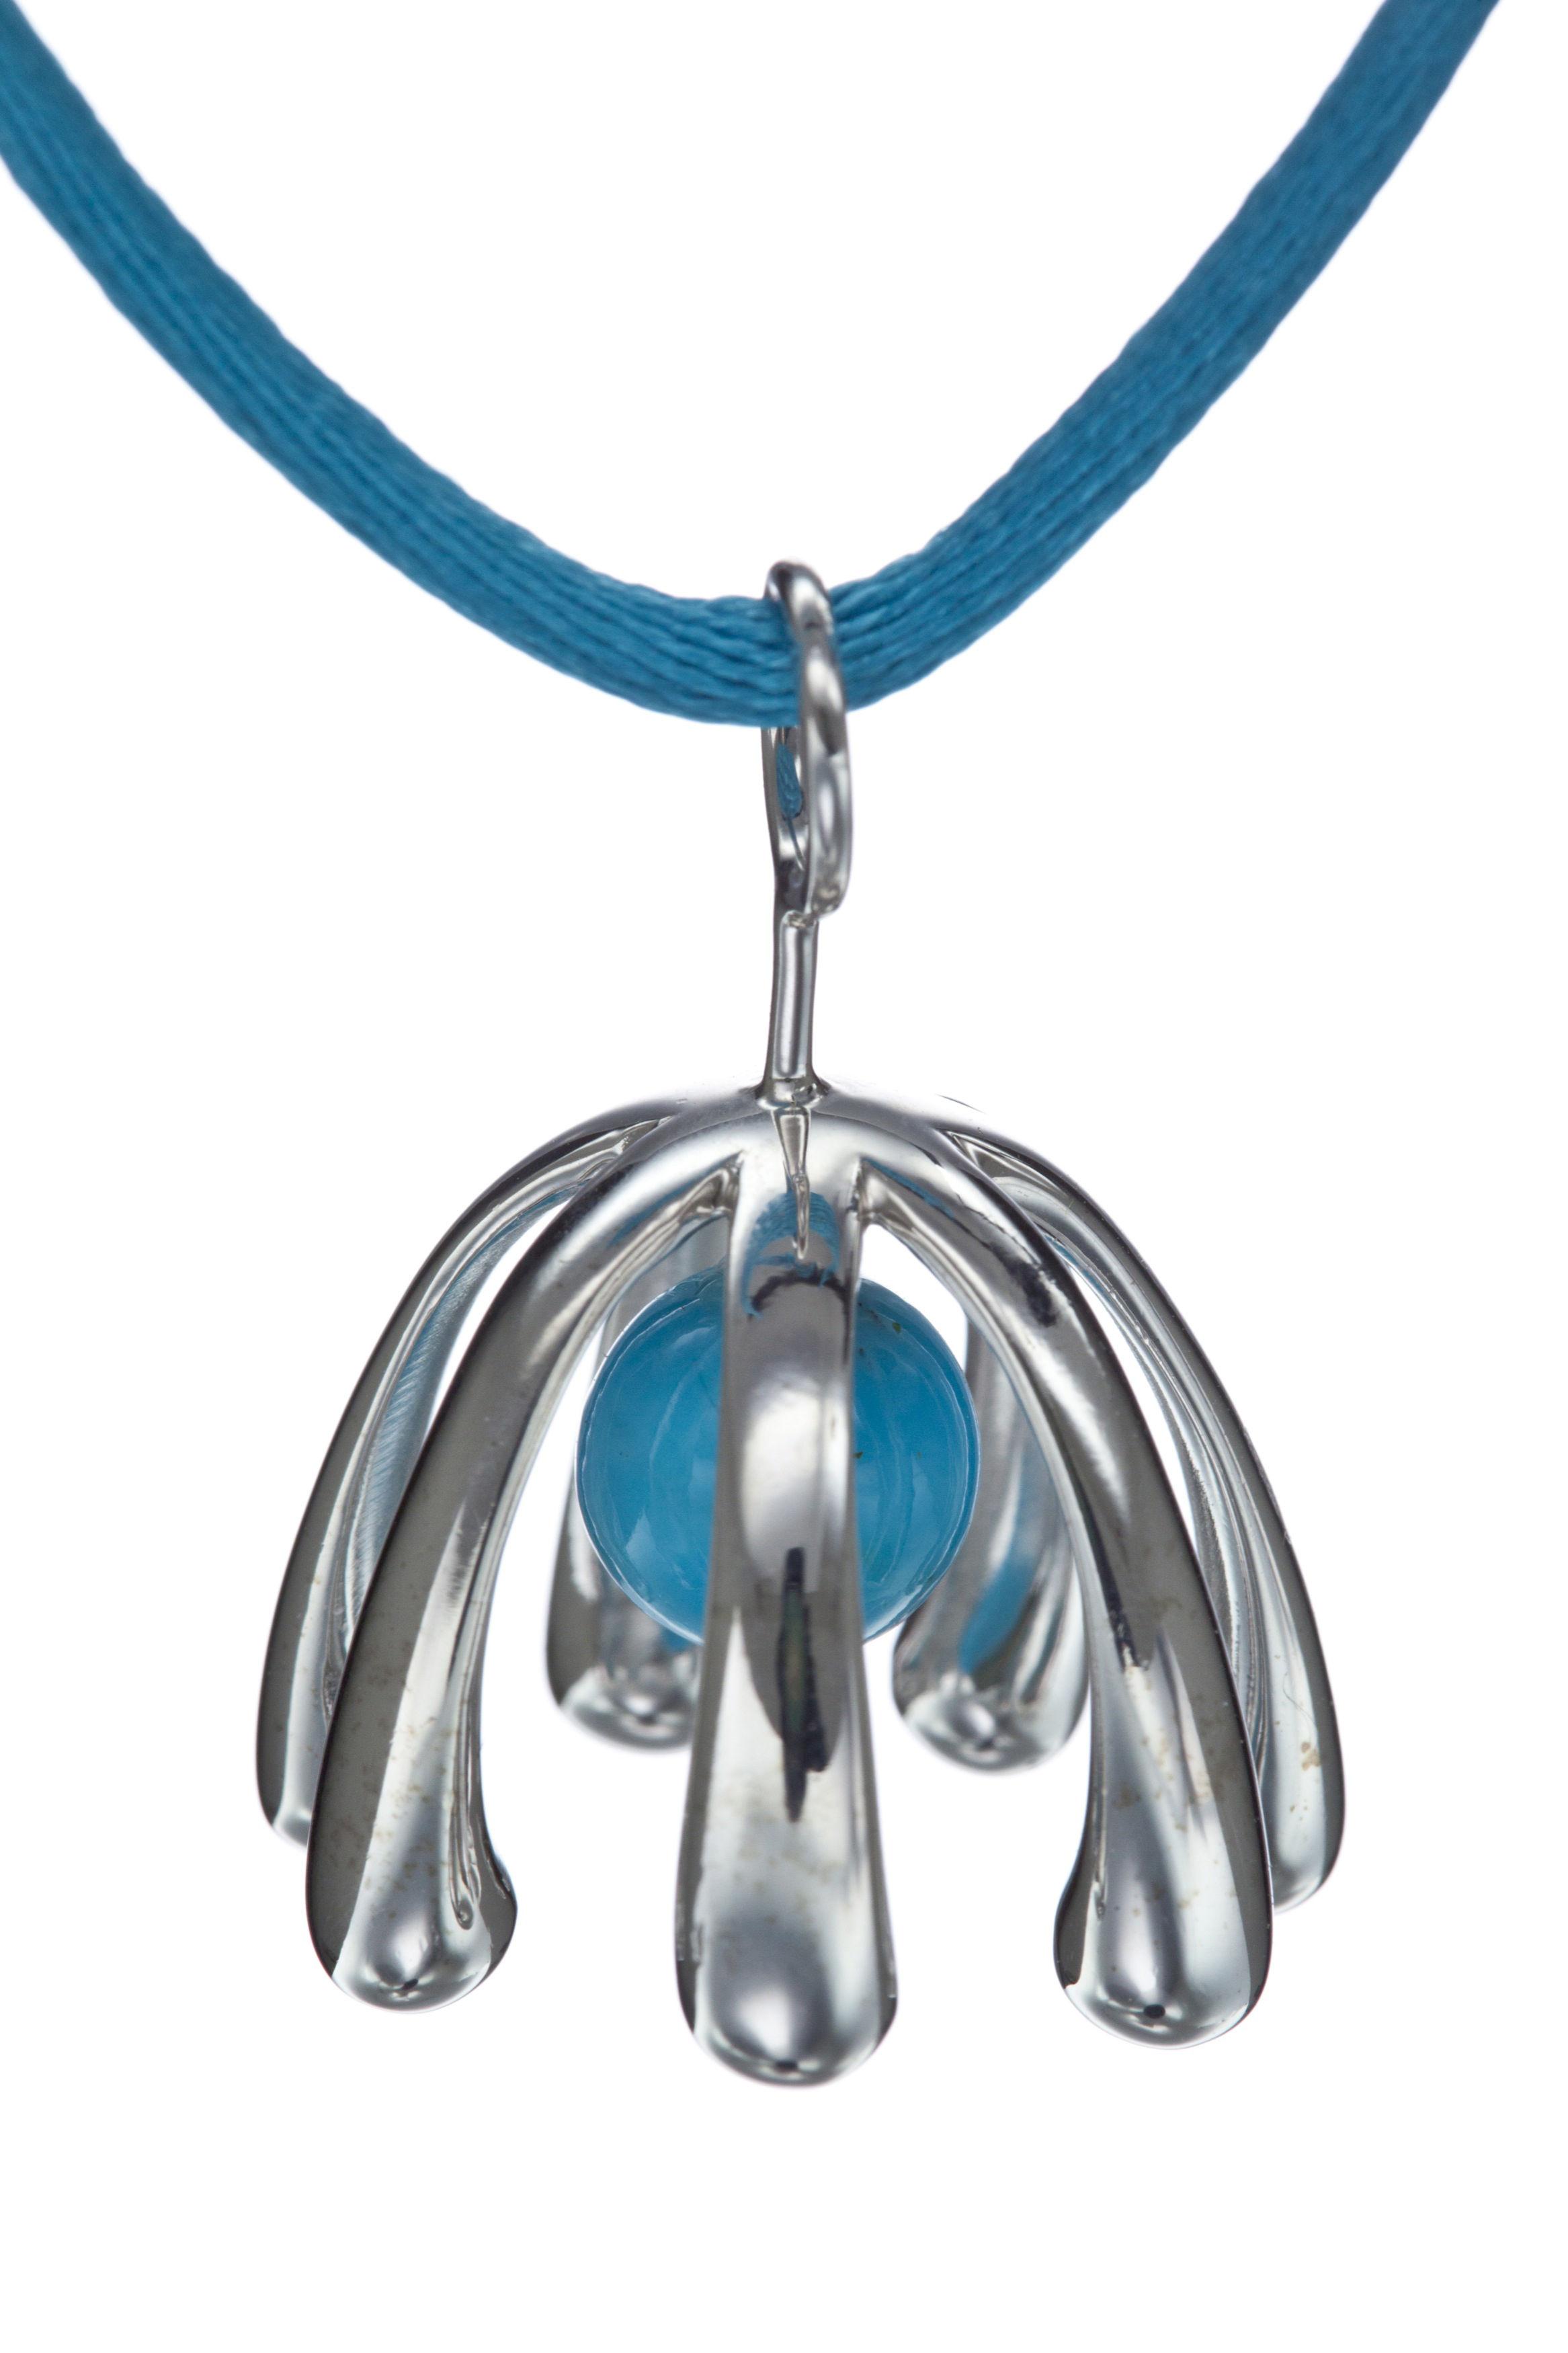 Accessoires - Bijoux, porte-clés... - Collier Extratoof Turquoise by Matali Crasset / Exclusivité - Le Buisson - Pierre Turquoise bleue / Cordon bleu - Argent, Satin, Turquoise